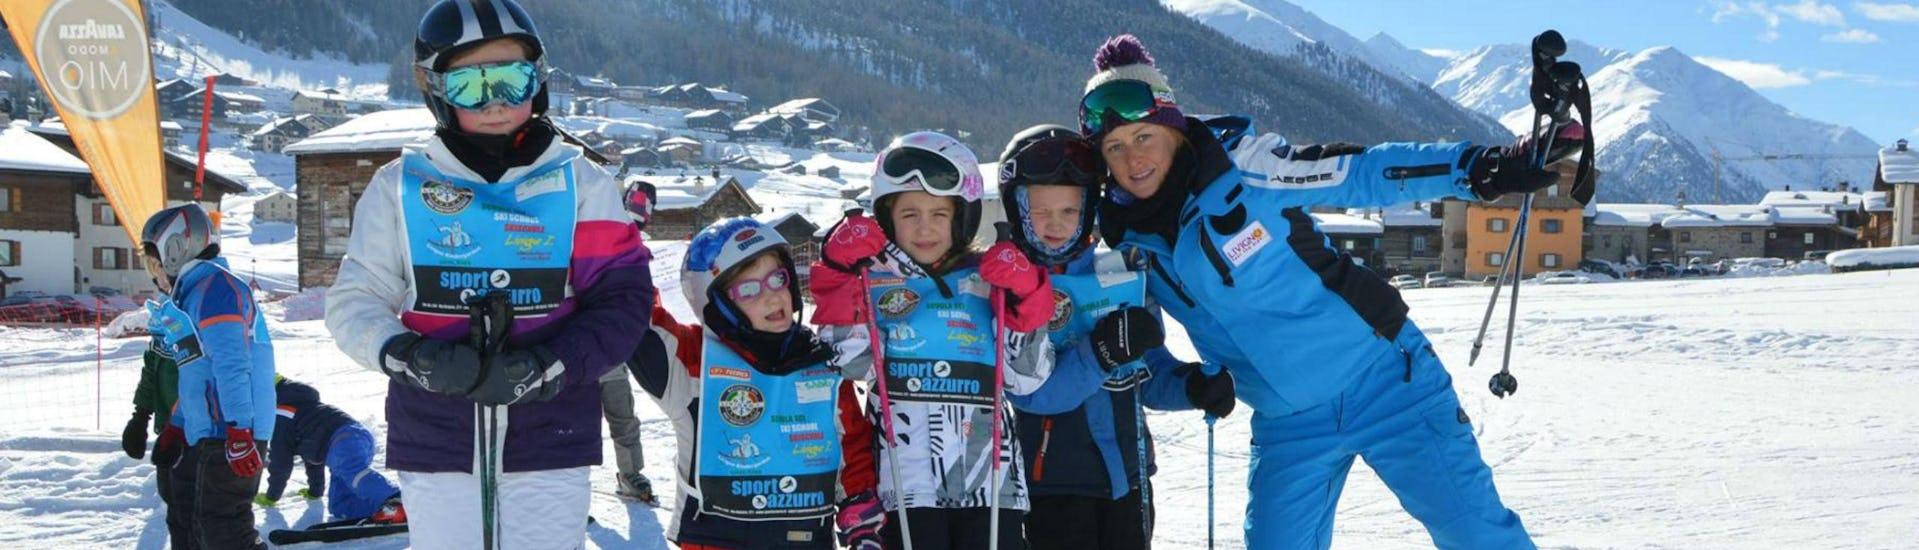 Un gruppo di bambini si diverte con le lezioni di sci per bambini (5-12 anni) - Tutti i livelli insieme al loro maestro della Scuola di Sci e Snowboard Livigno Italia.